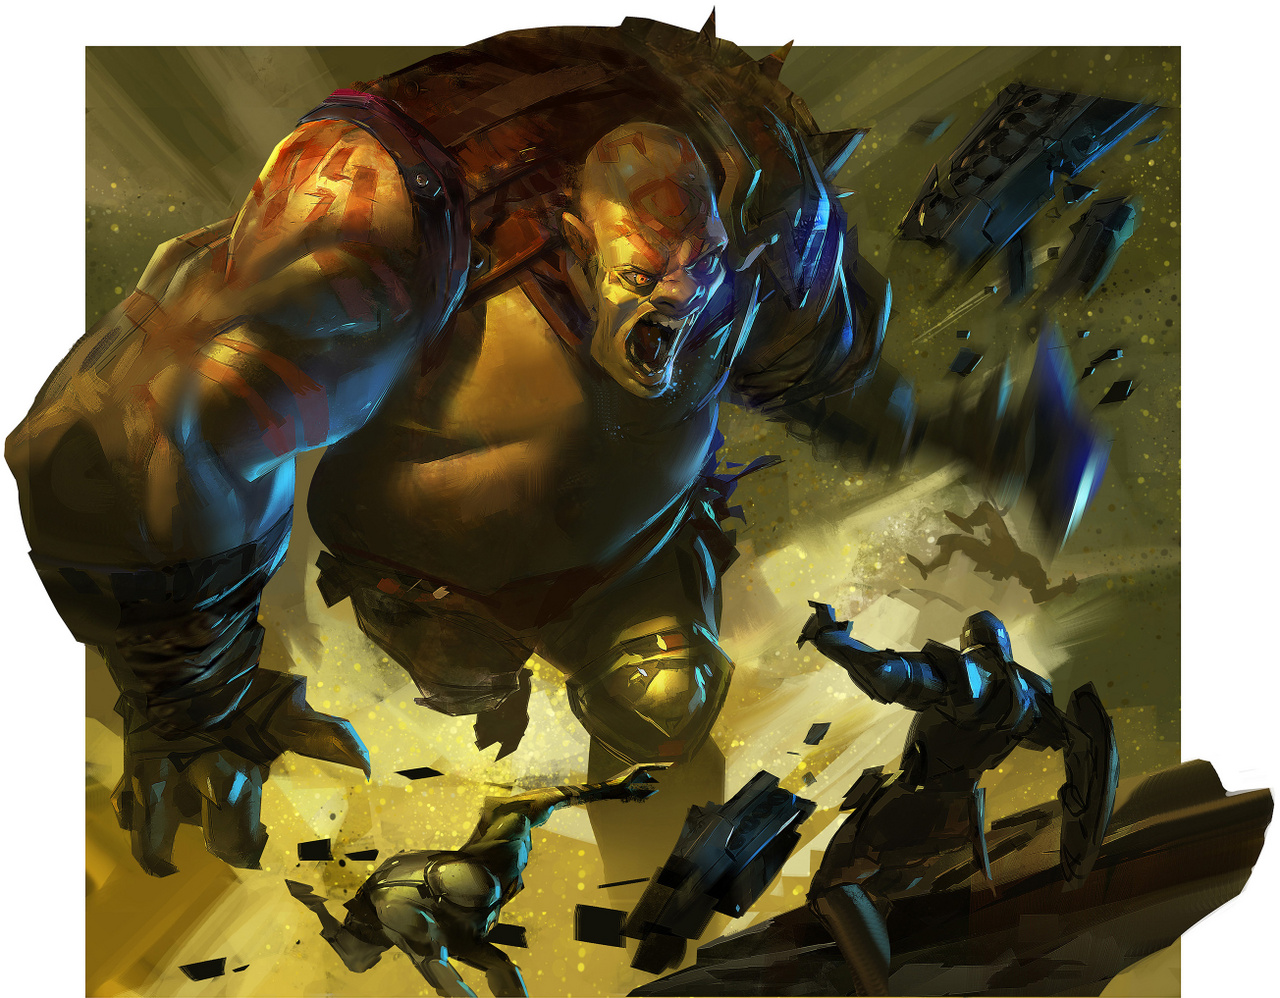 Ahmed Aldoori és kollégái a Wizards of the Coastnál a Valor's Reachhez photoshopolták össze ezt a tomboló ogrét - ami a kép címe is.